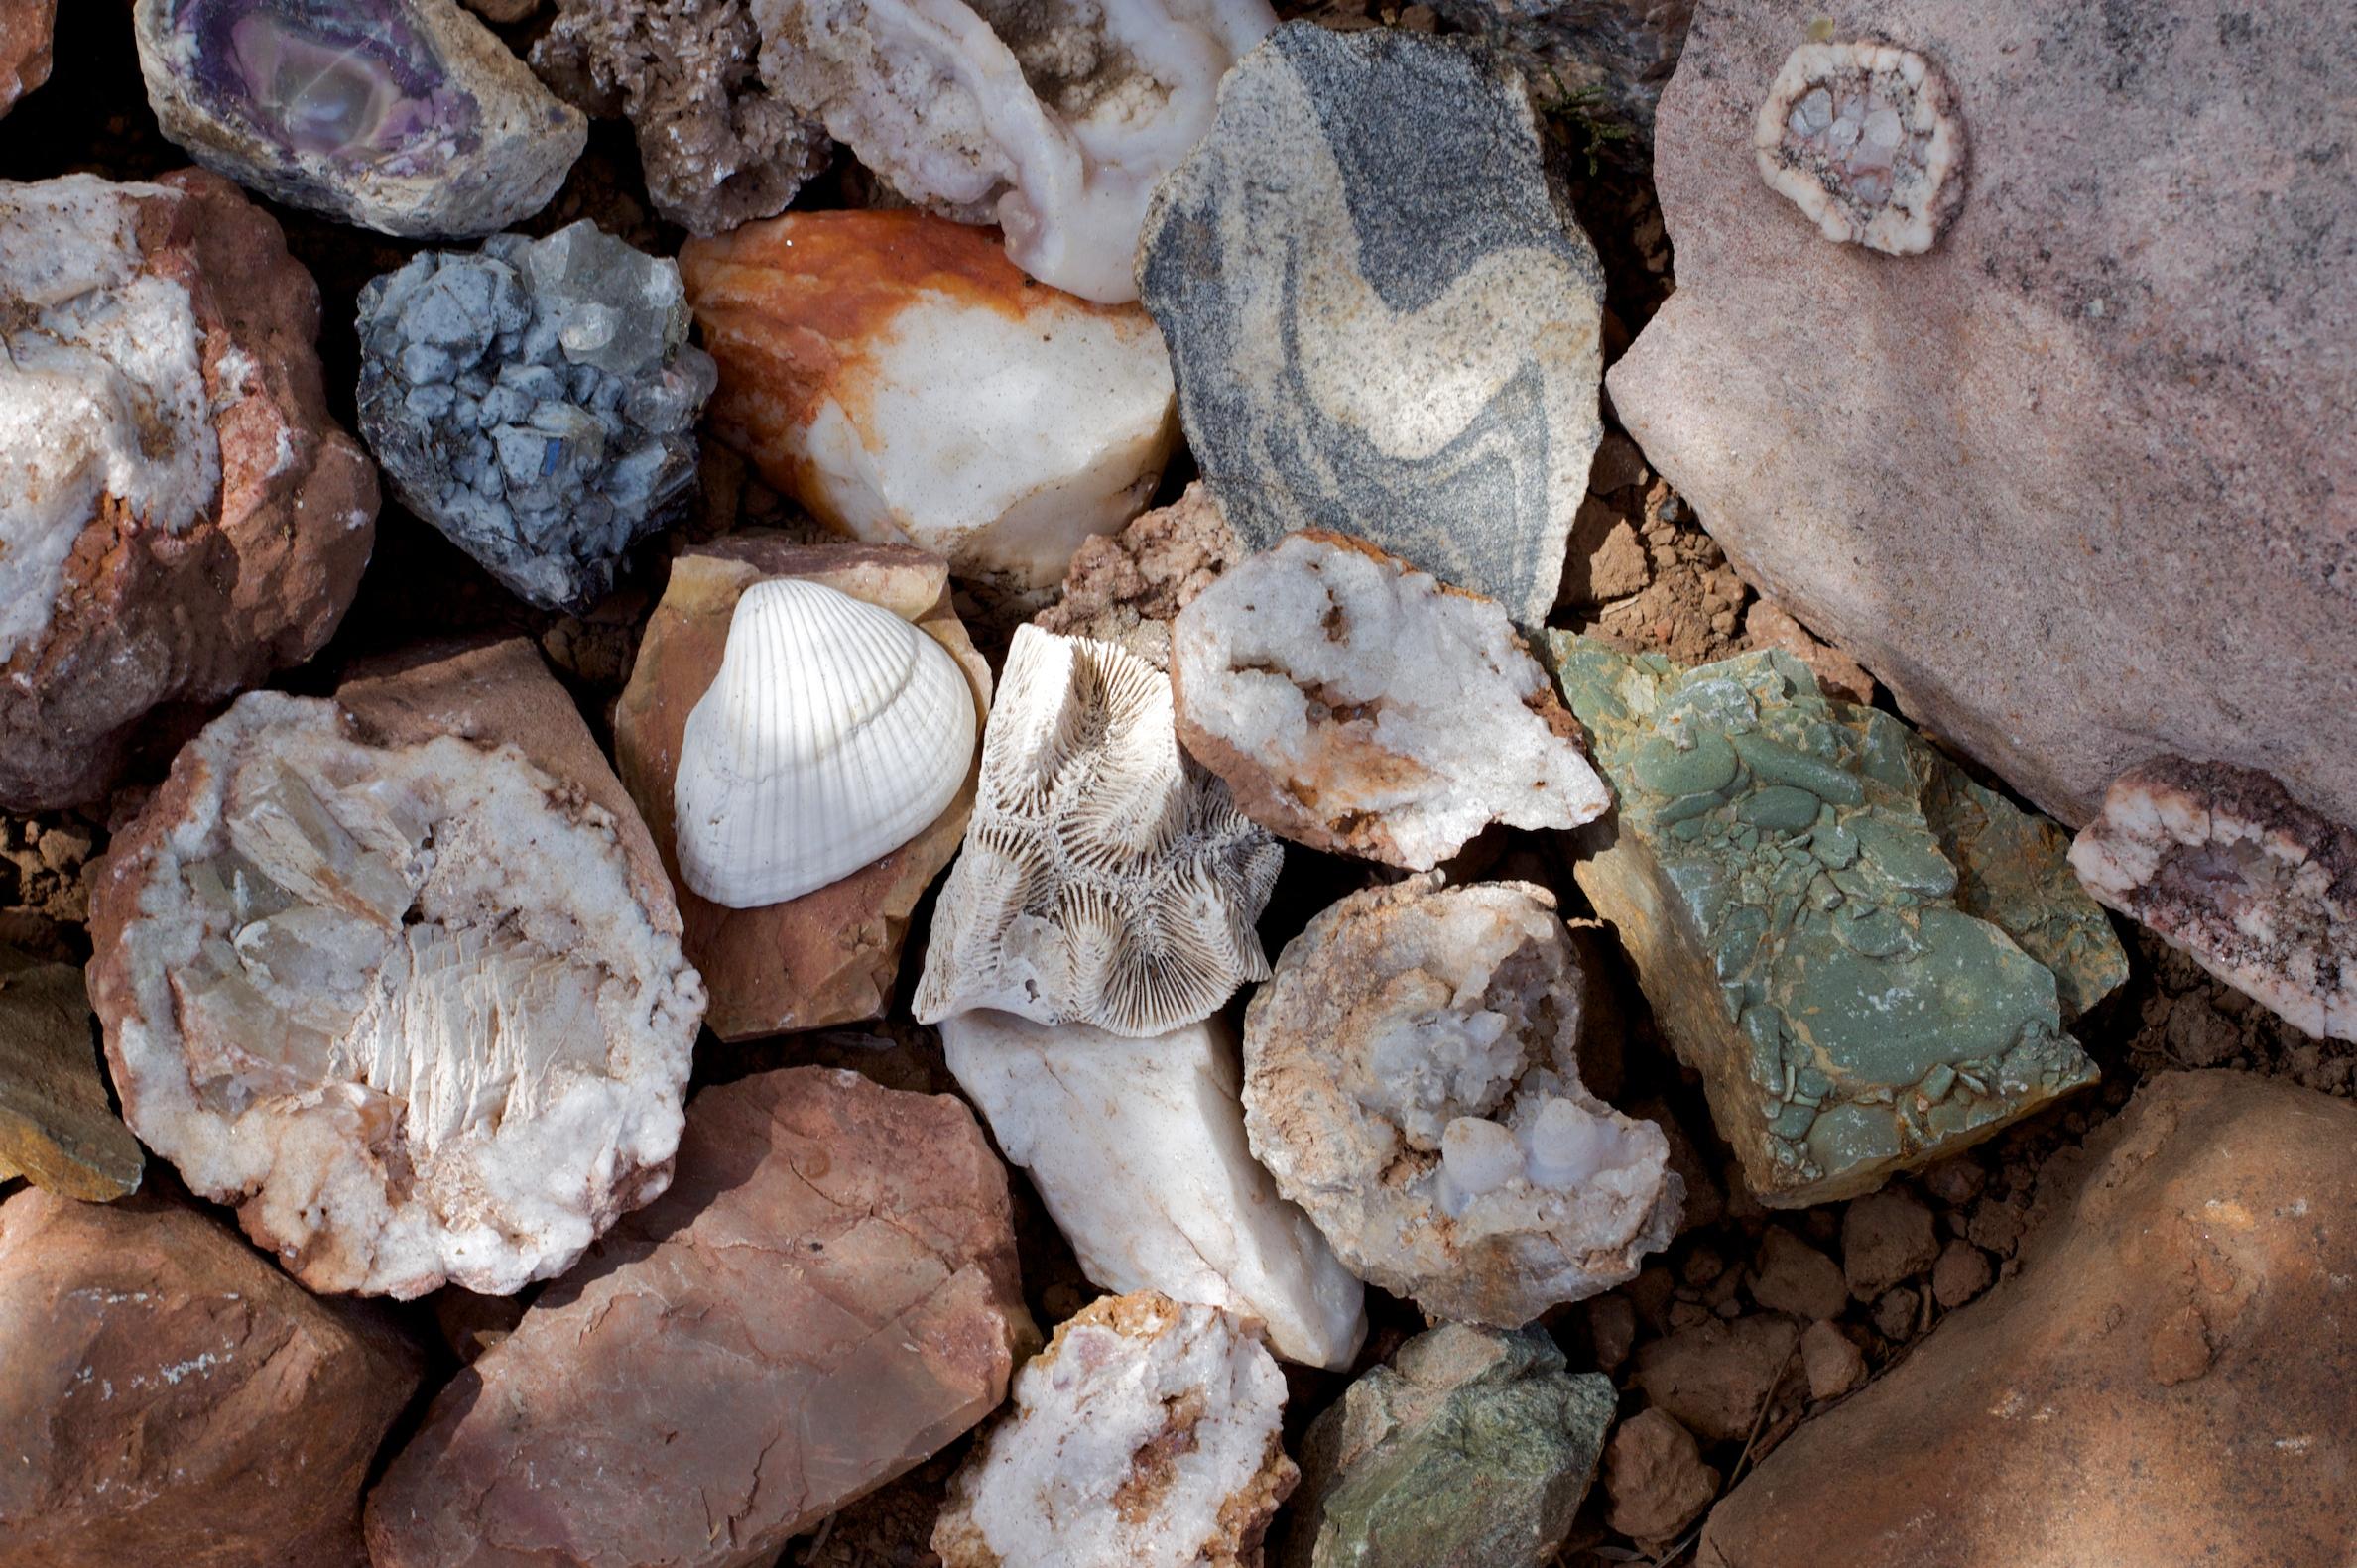 избавления картинки камней горных пород списке новогодних